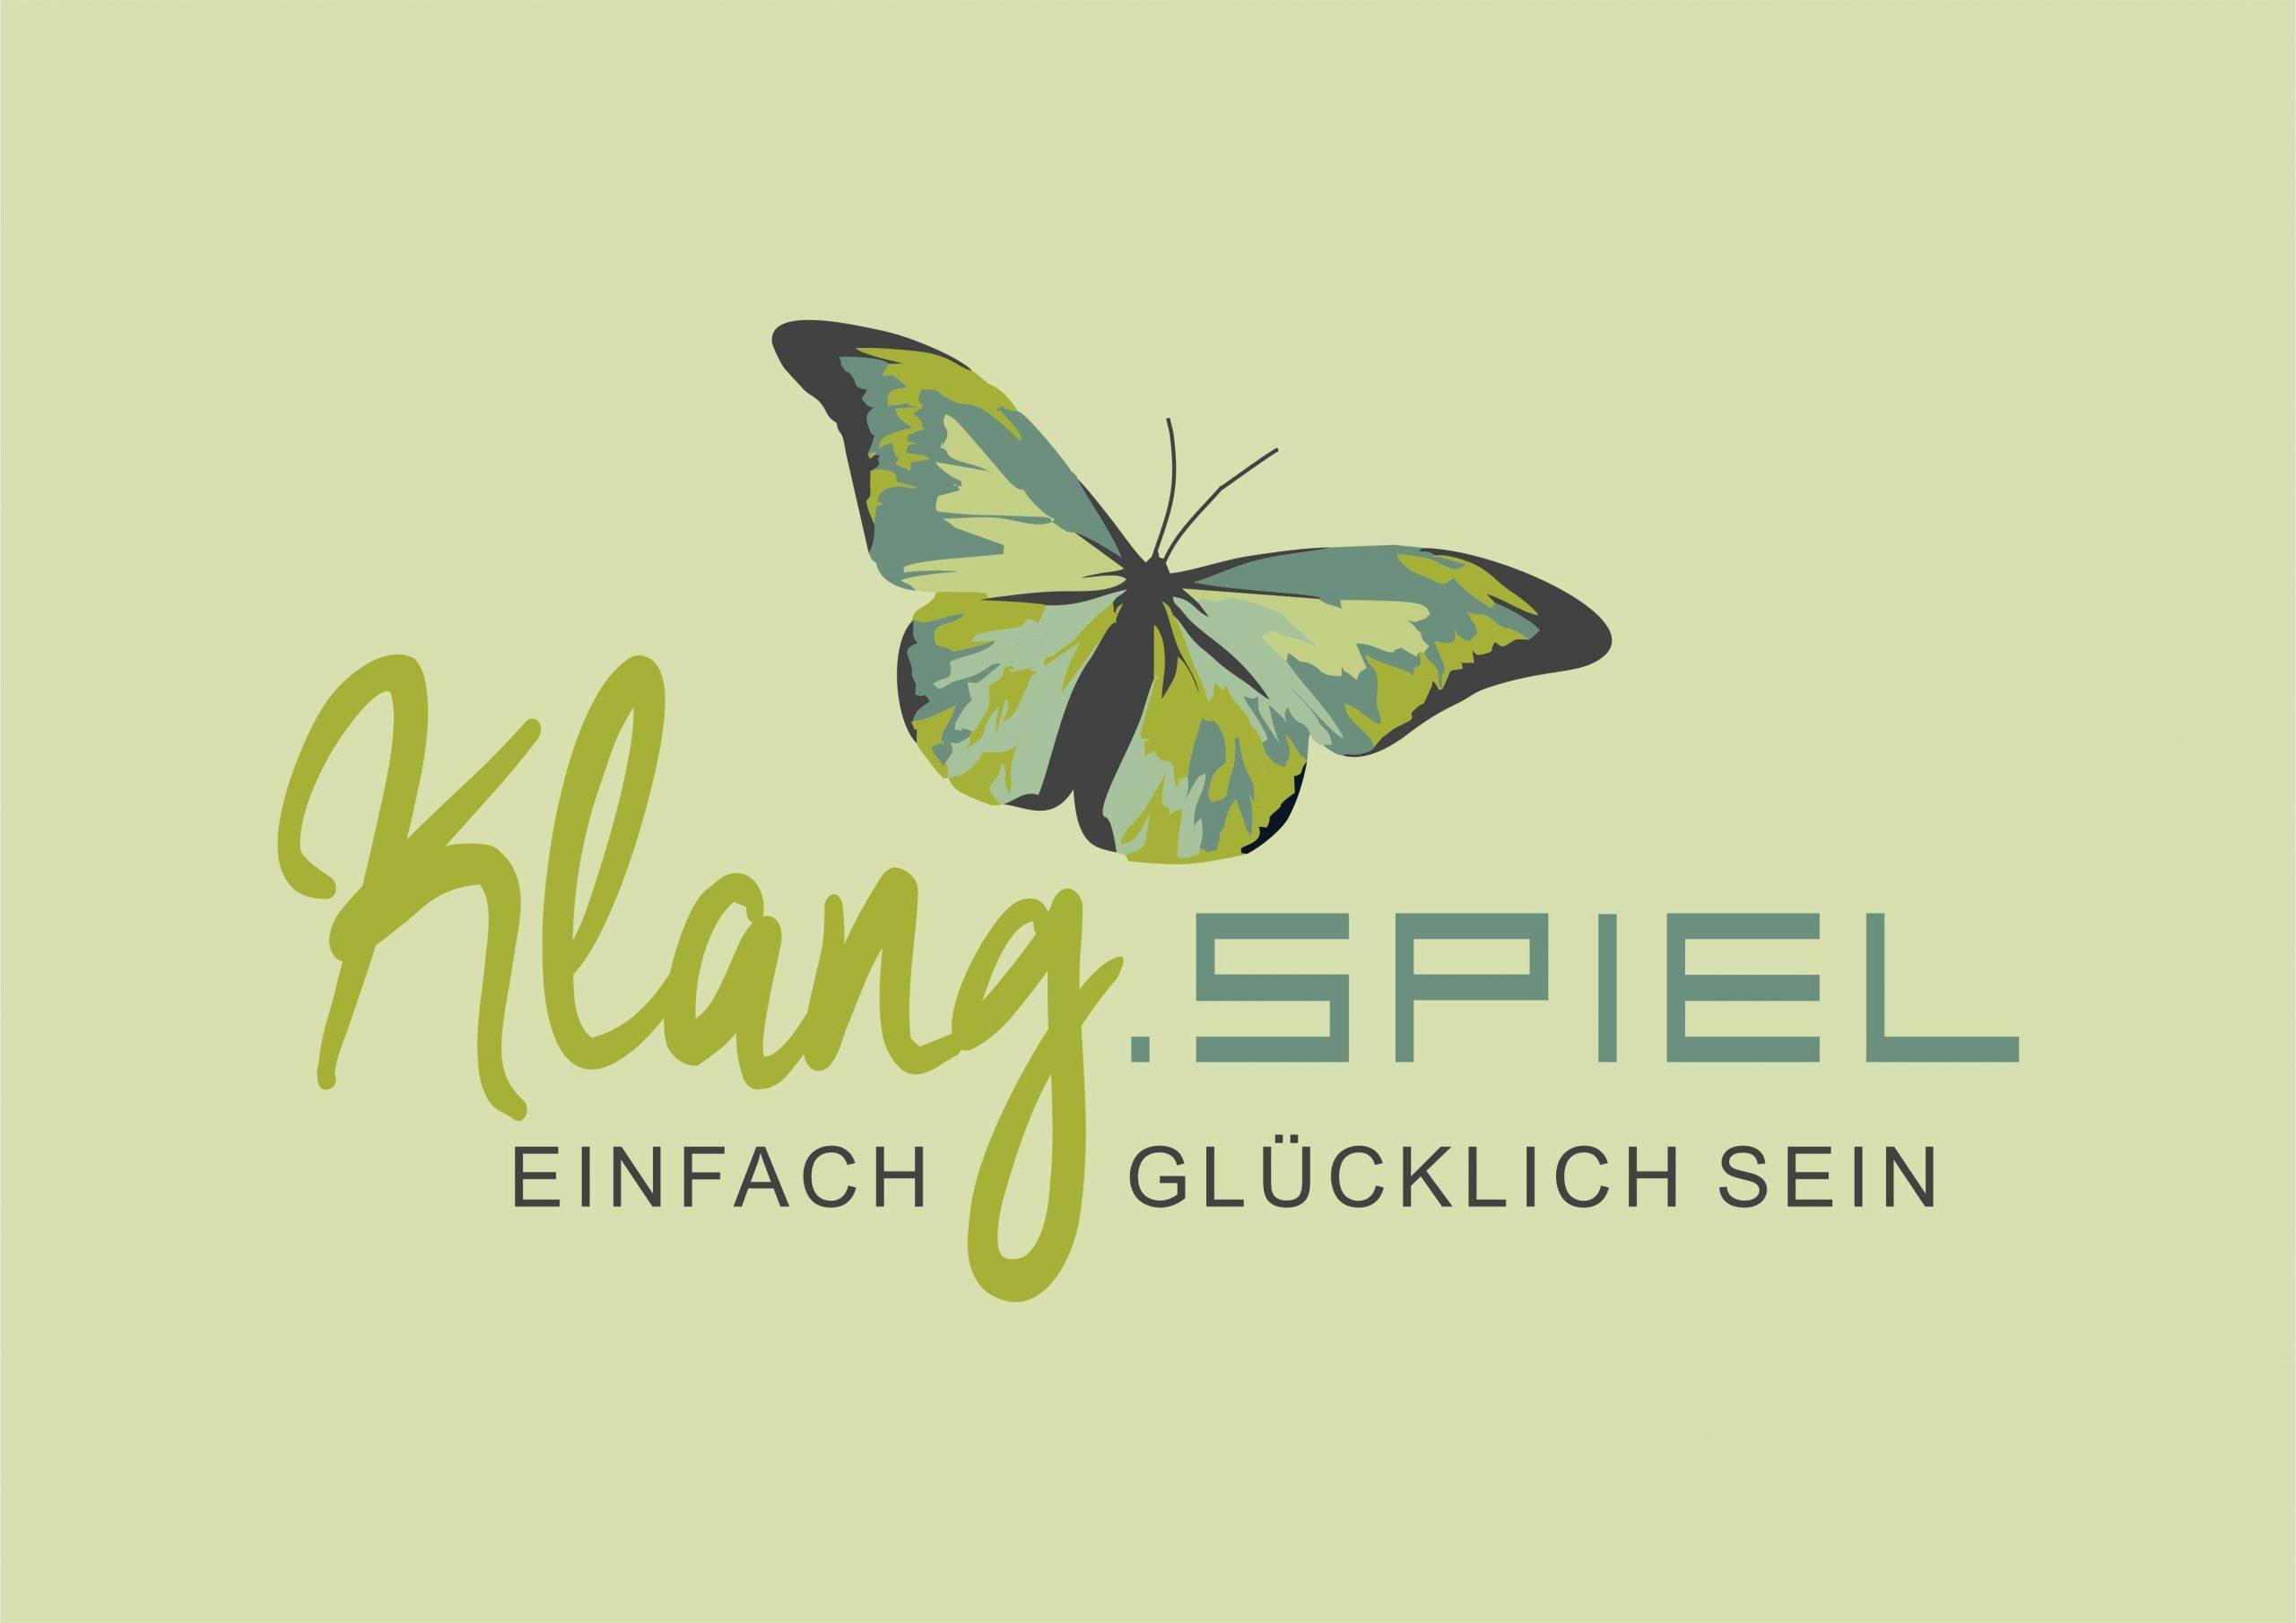 """Markengestaltung """"Klang.SPIEL"""" St. Pölten"""